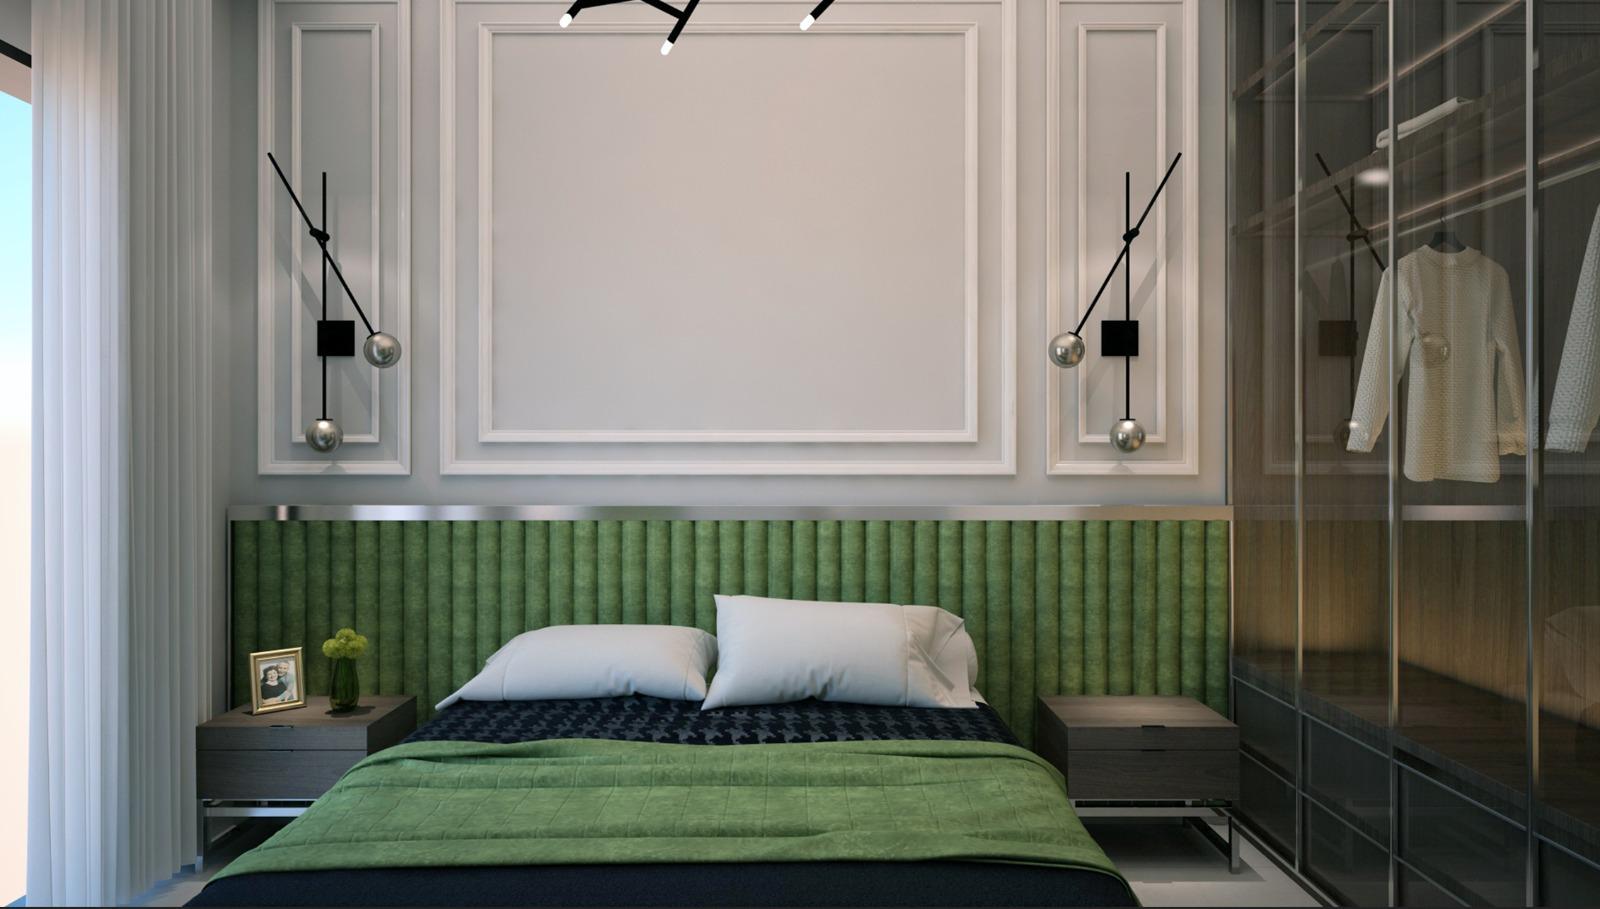 Новые квартиры по приемлемым ценам в строящемся комплексе - Фото 15